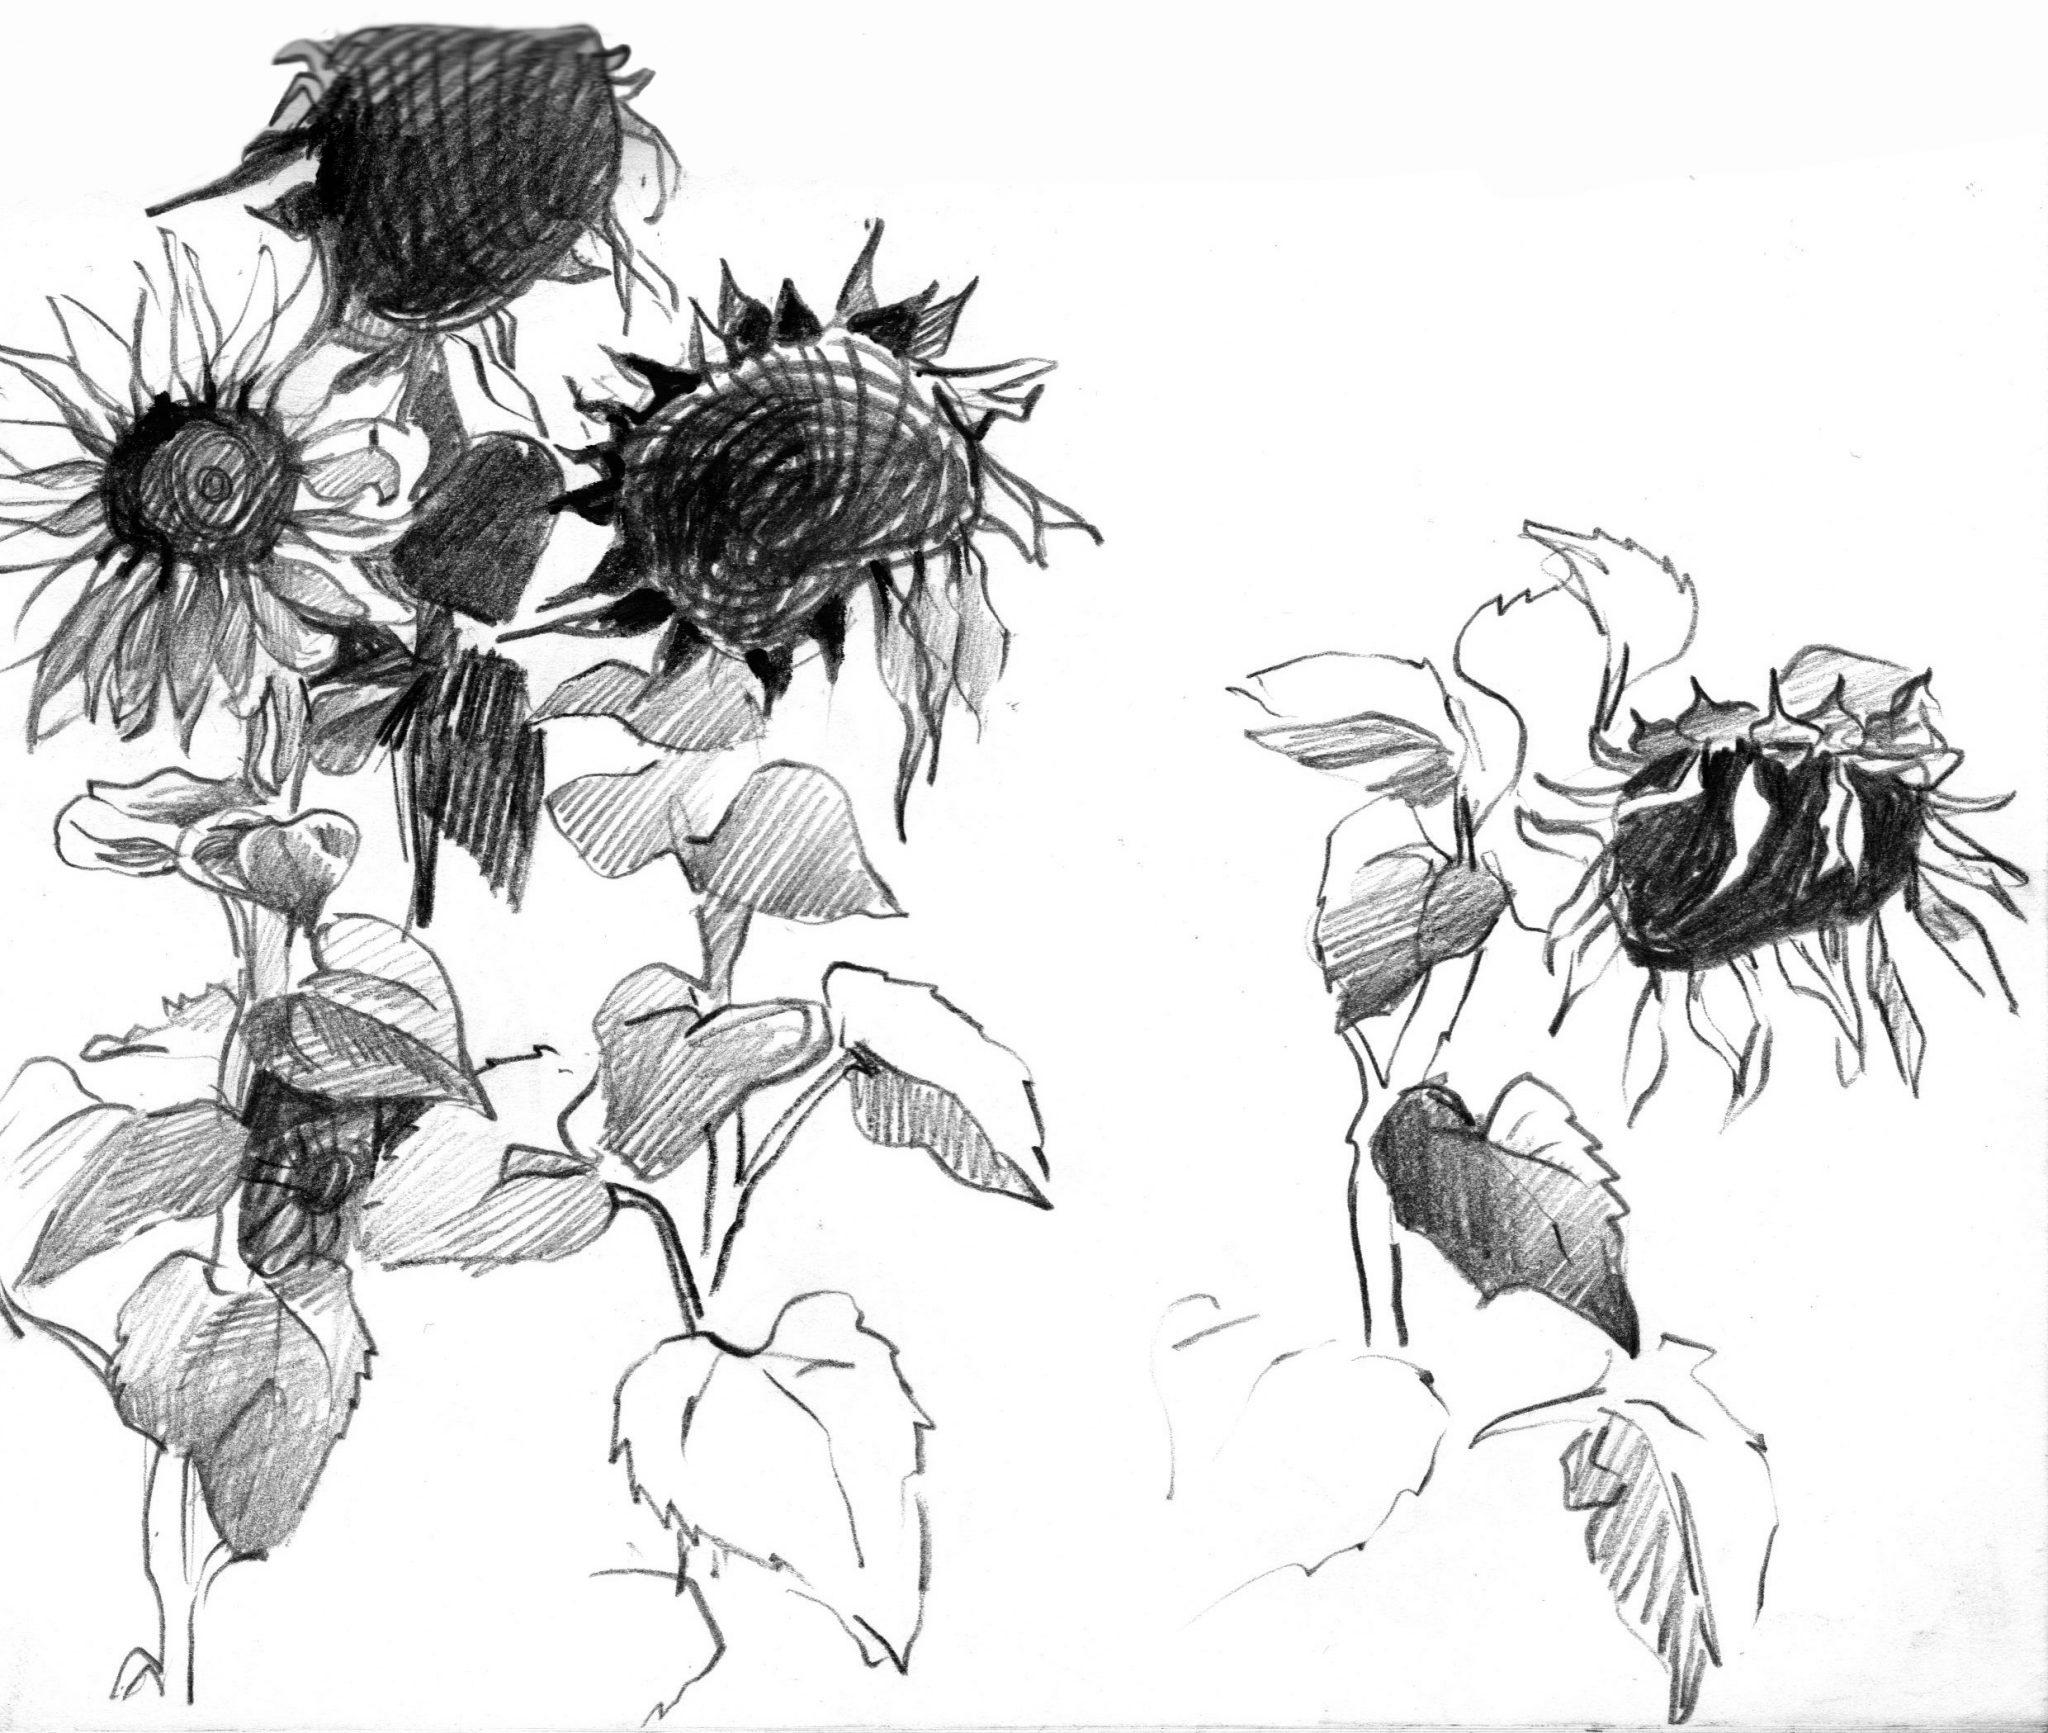 girasoles-alejandra-caballero-dibujo-lápiz-grafito